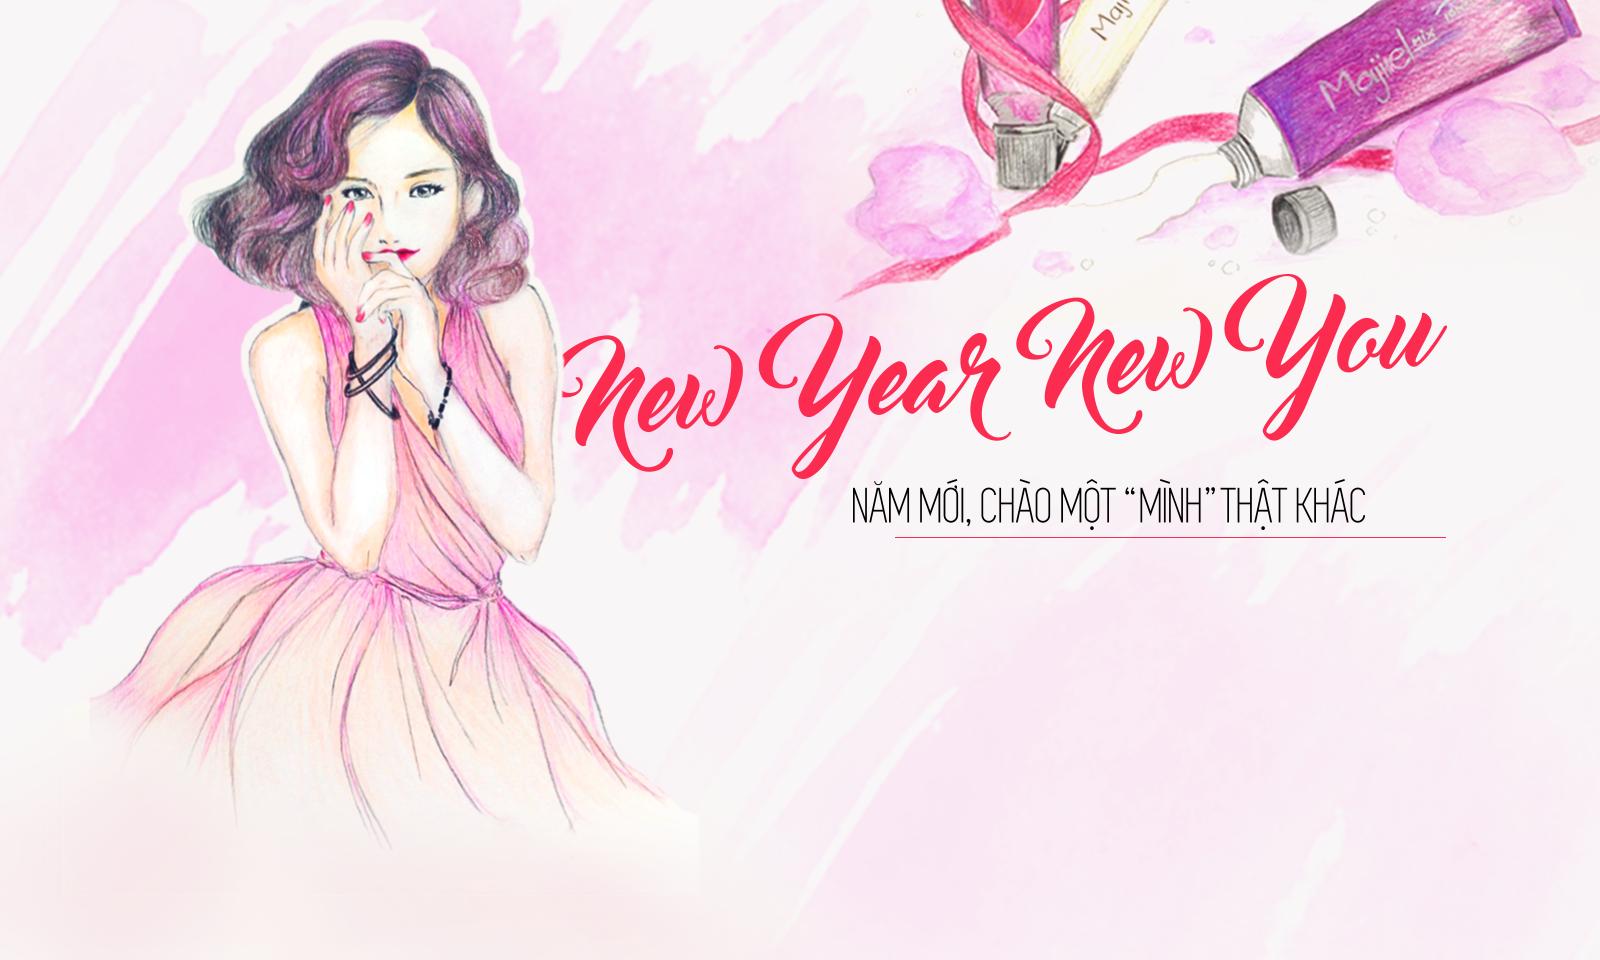 """New Year New You, Năm mới, chào một """"mình"""" thật khác"""